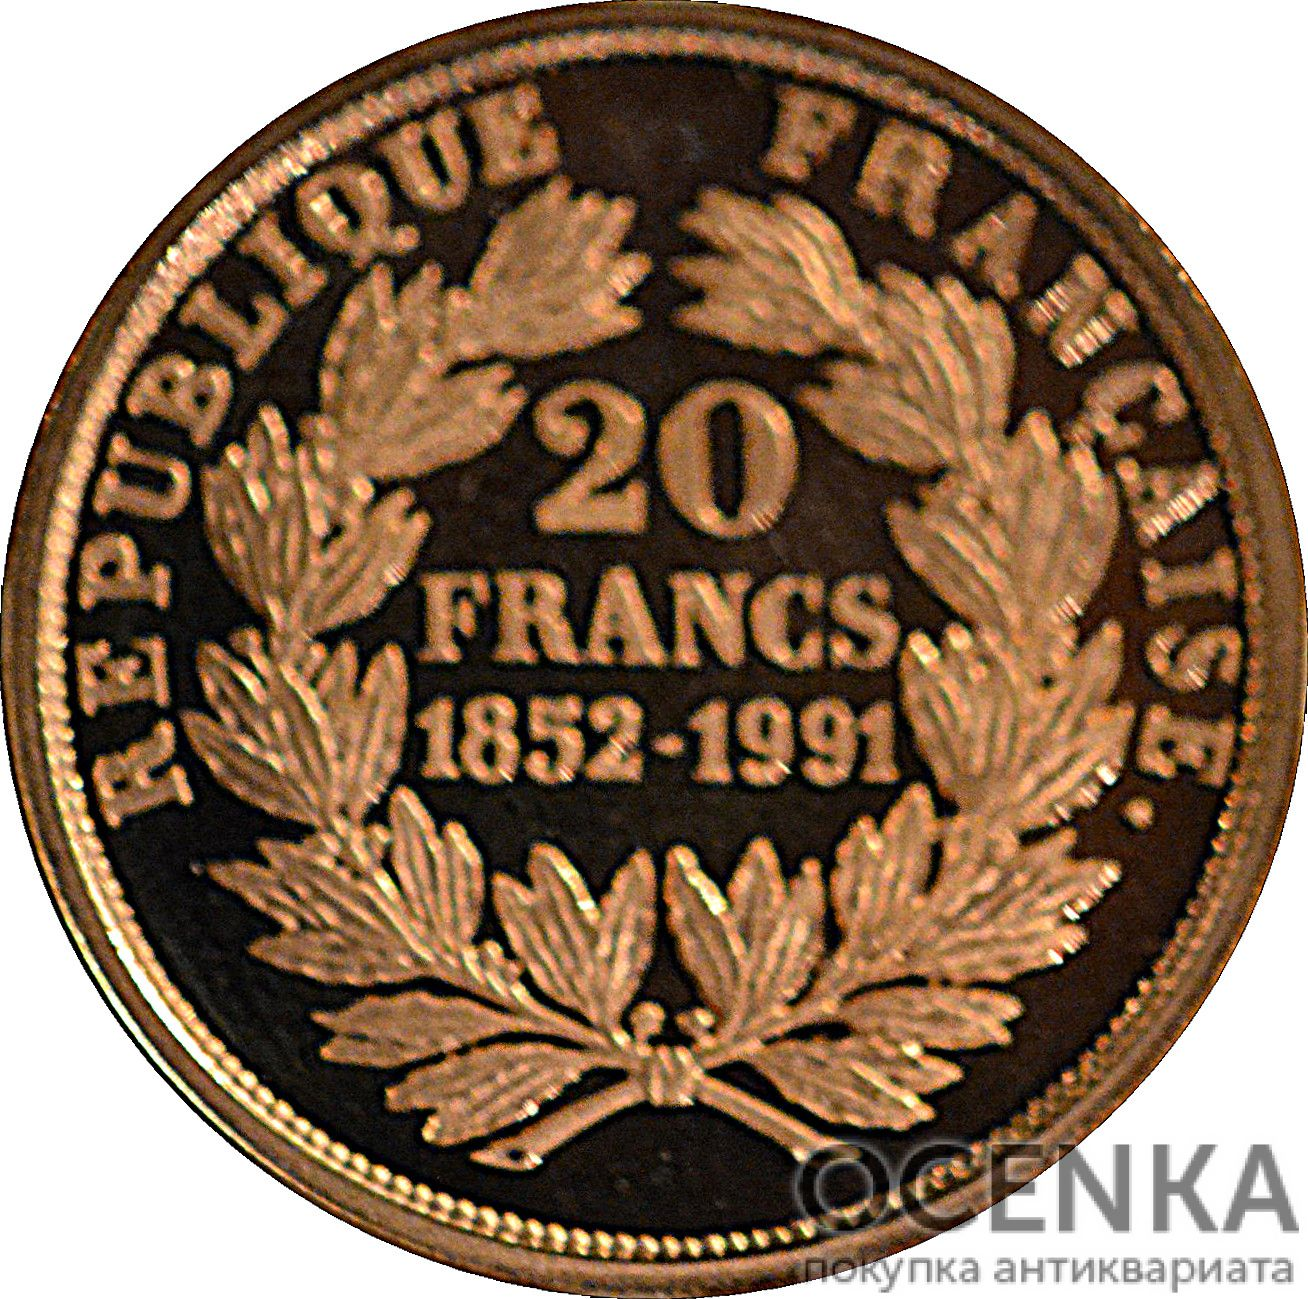 Золотая монета 20 Франков (20 Francs) Франция - 12